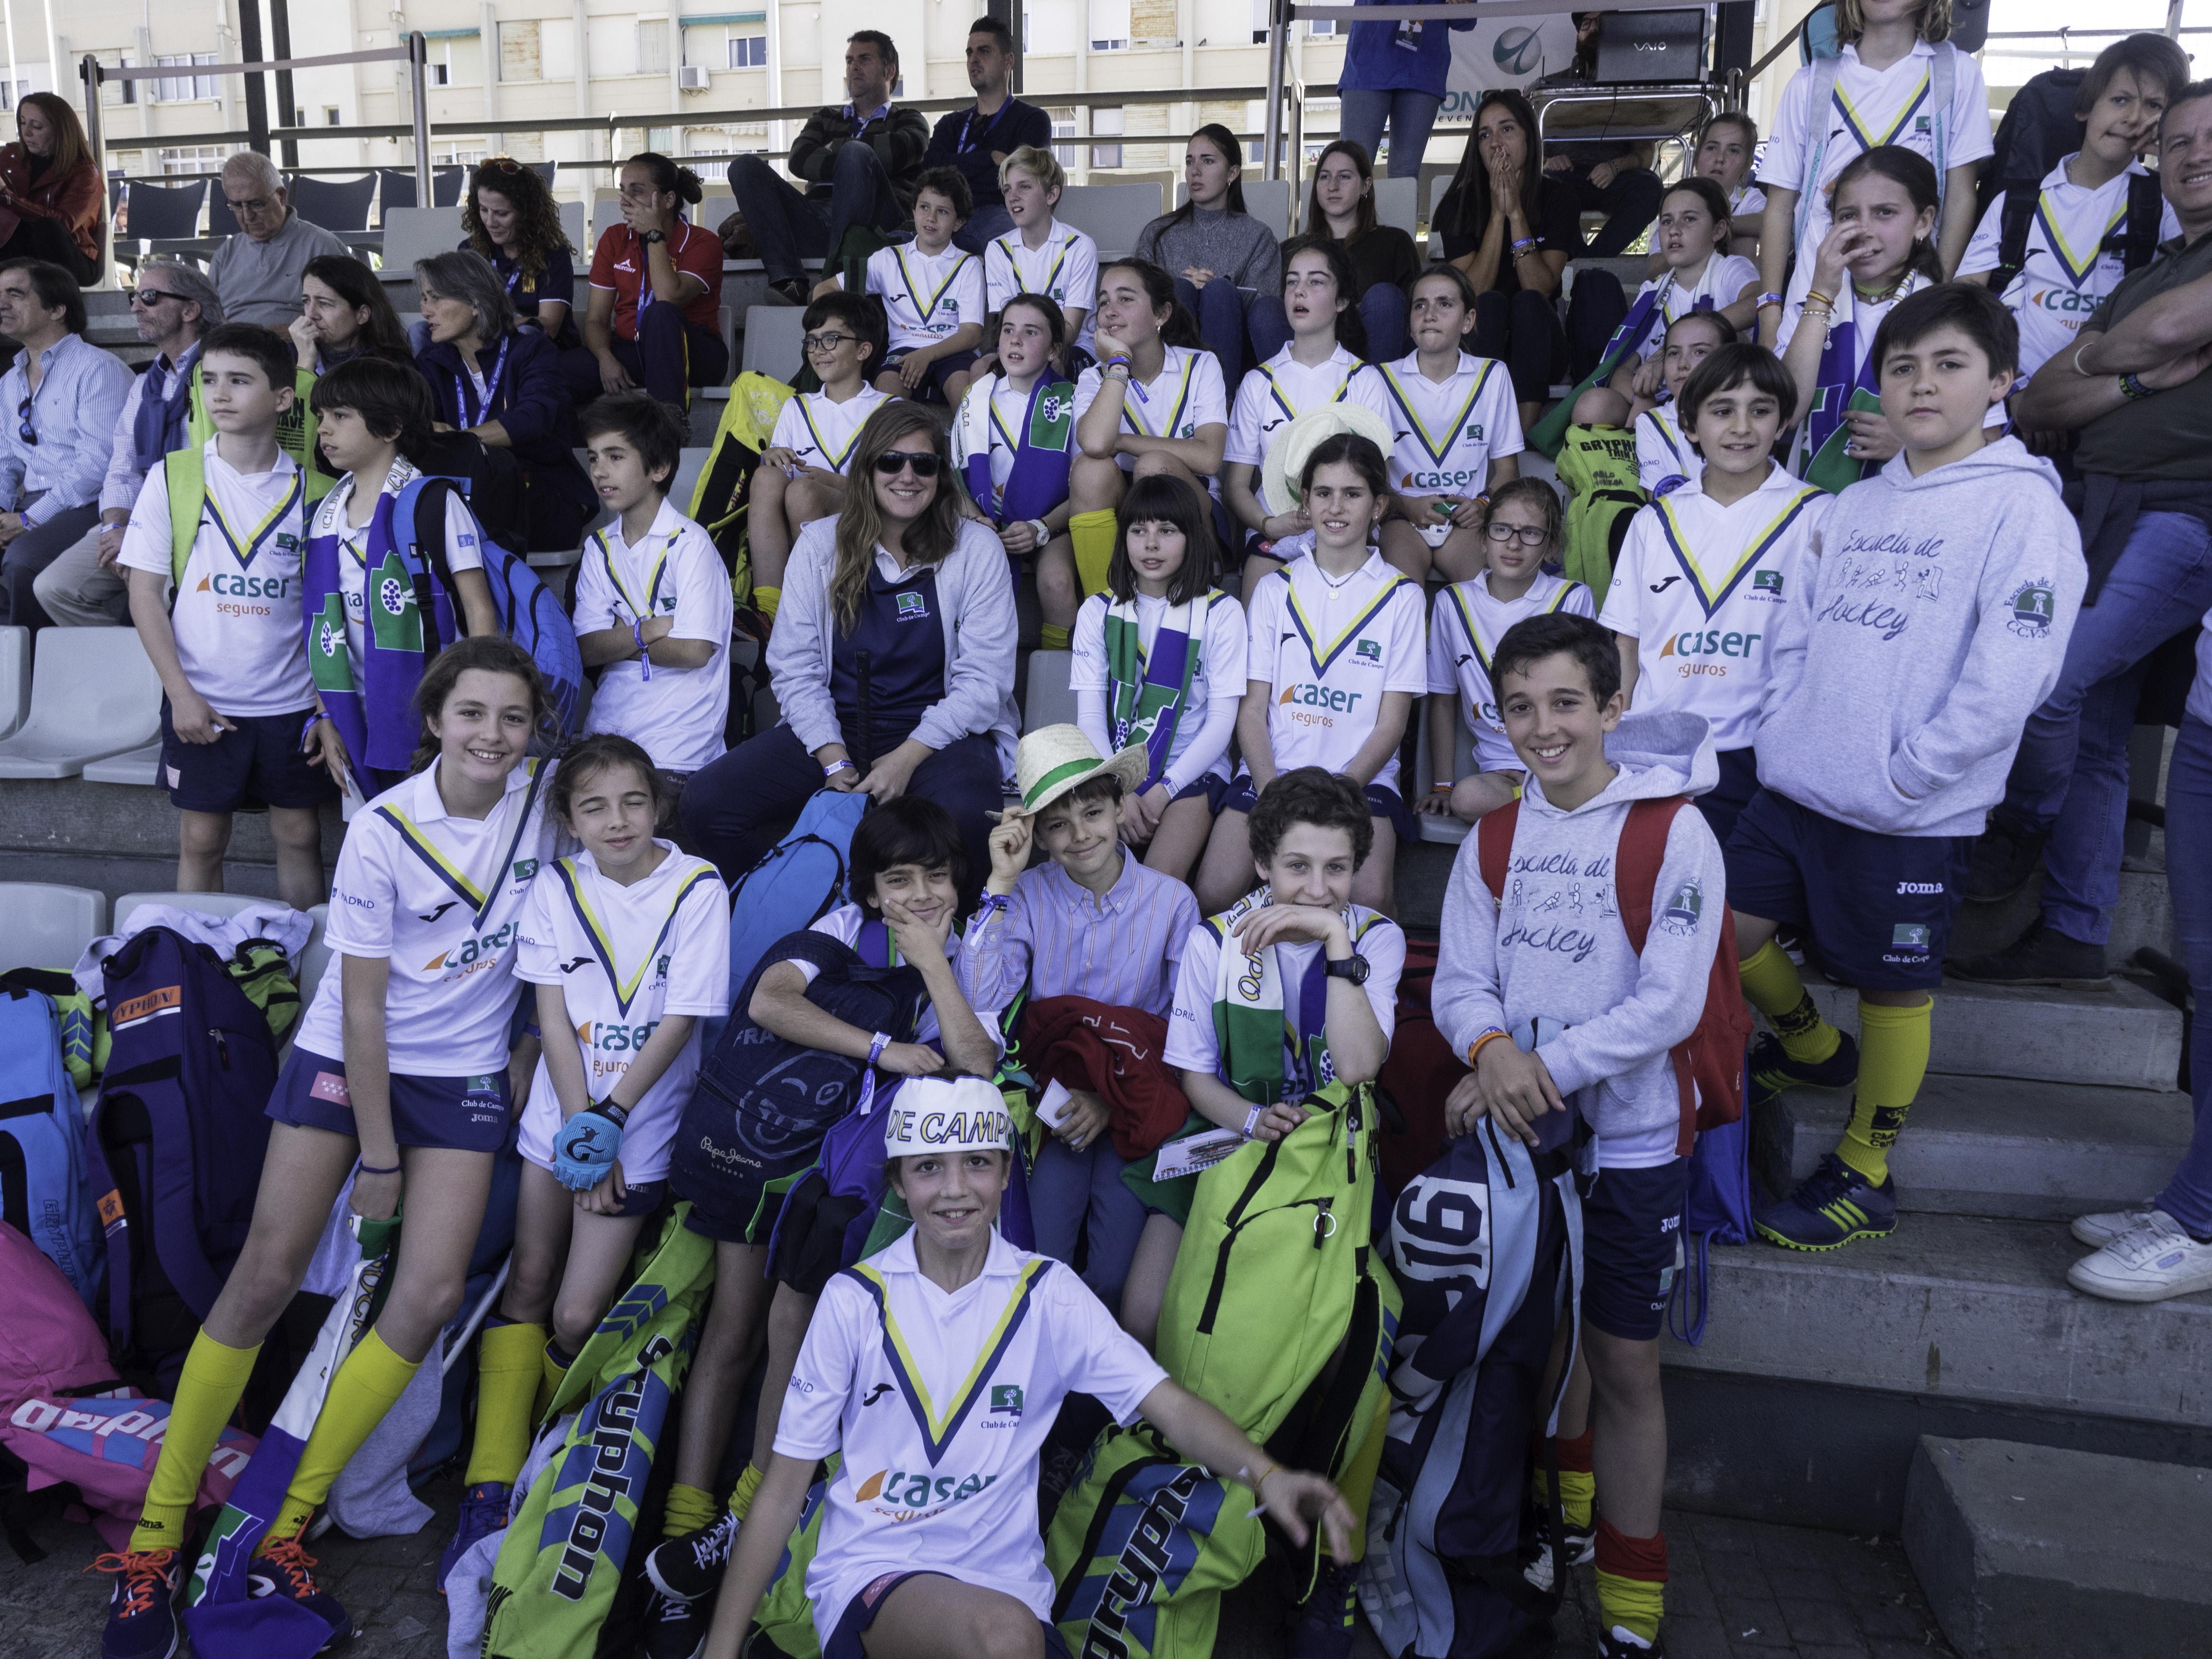 Los aficionados desplazados a Valencia no pararon de animar al Club. Foto: Ignacio Monsalve